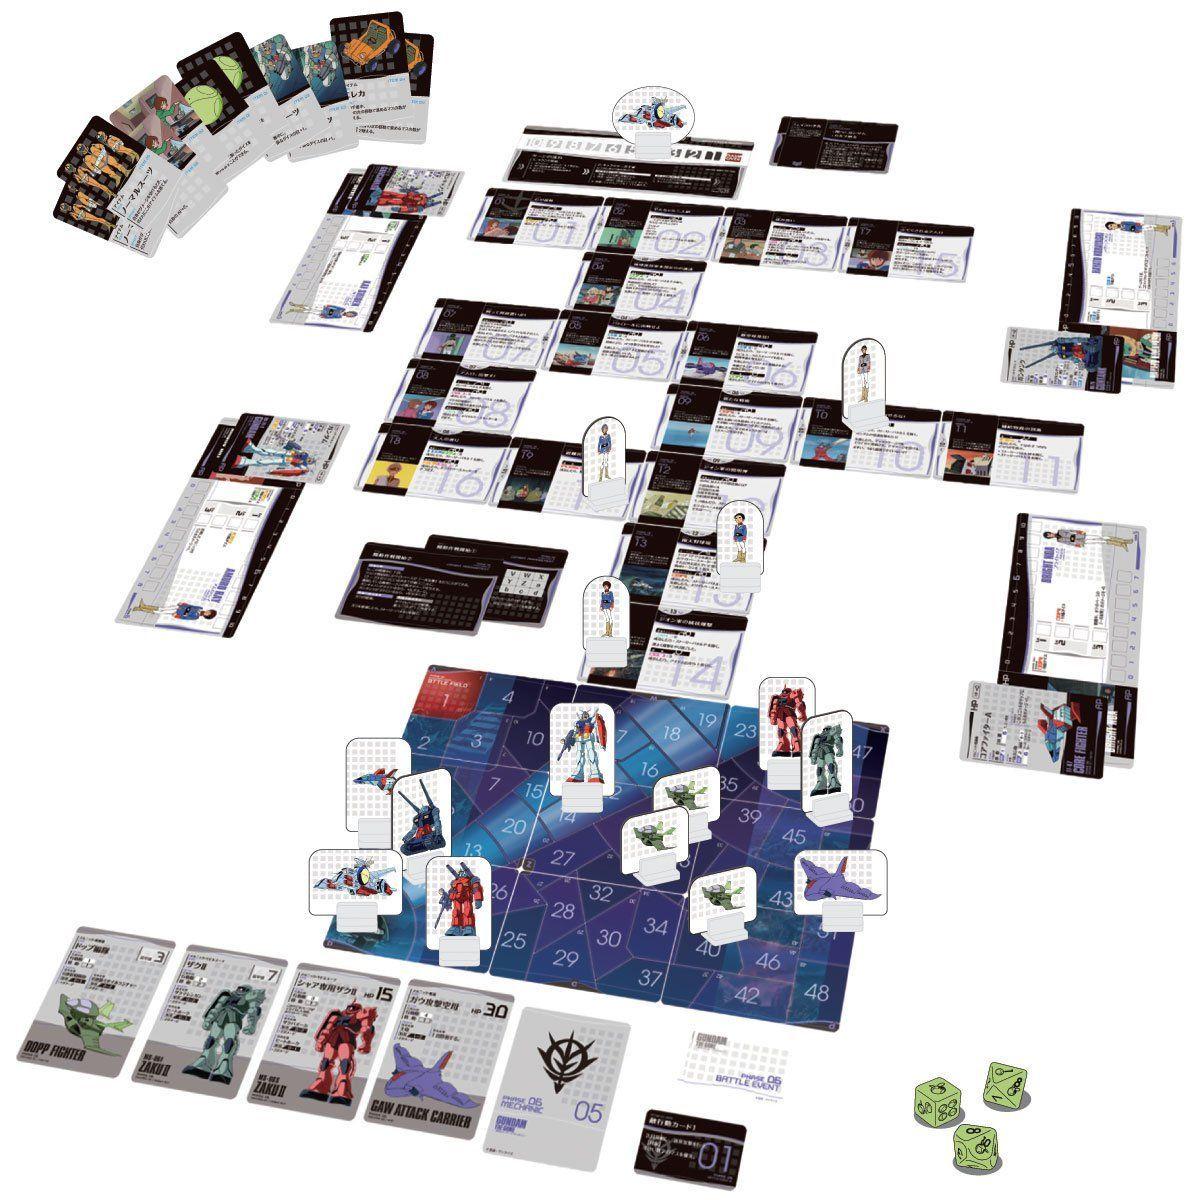 『GUNDAM THE GAME -機動戦士ガンダム:ガンダム大地に立つ-』ボードゲーム-001